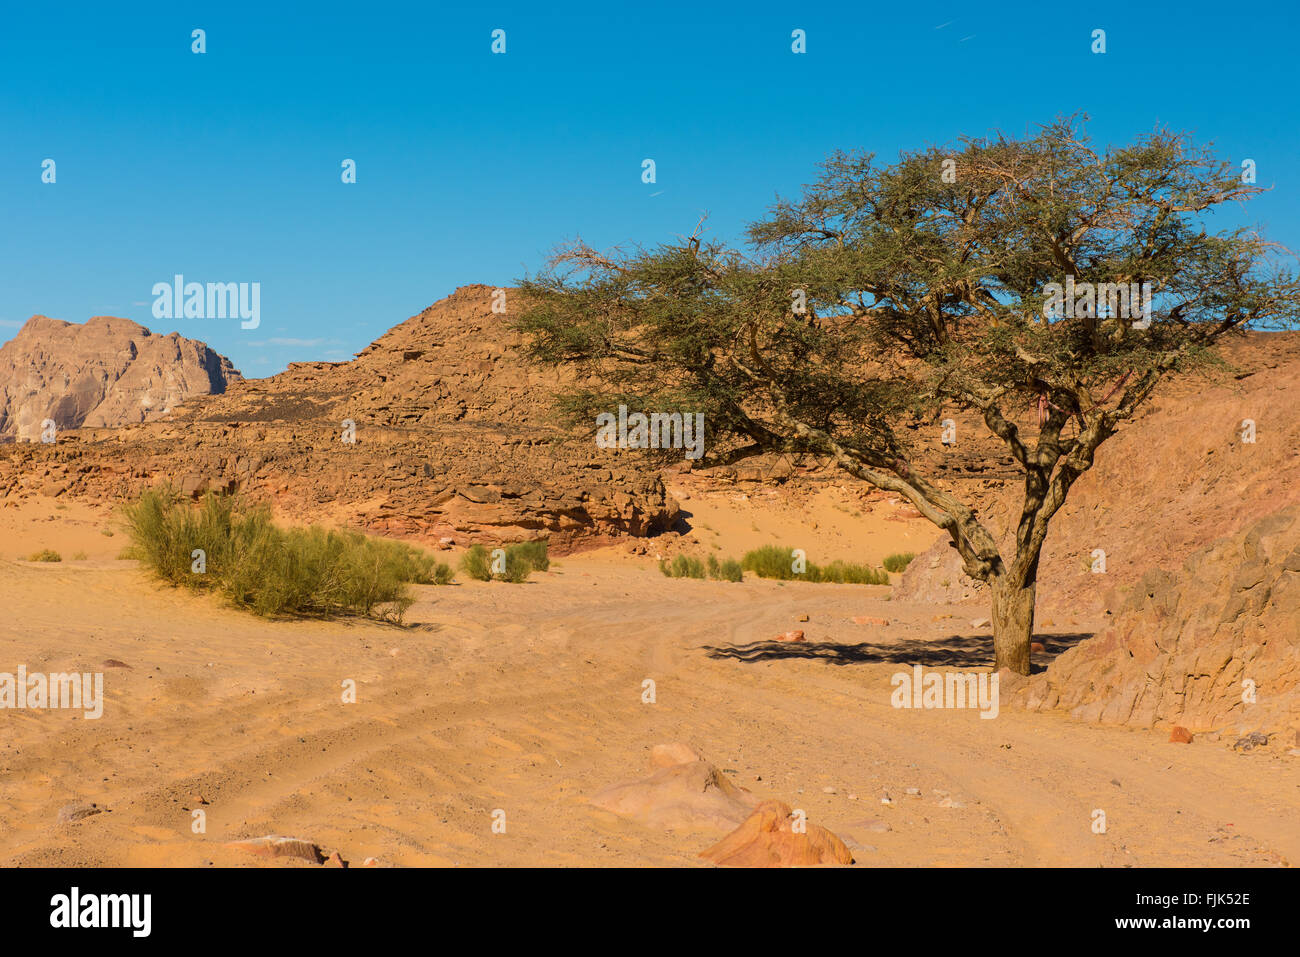 Desierto de Sinaí Egipto ver colinas rocosas Blue Sky Imagen De Stock